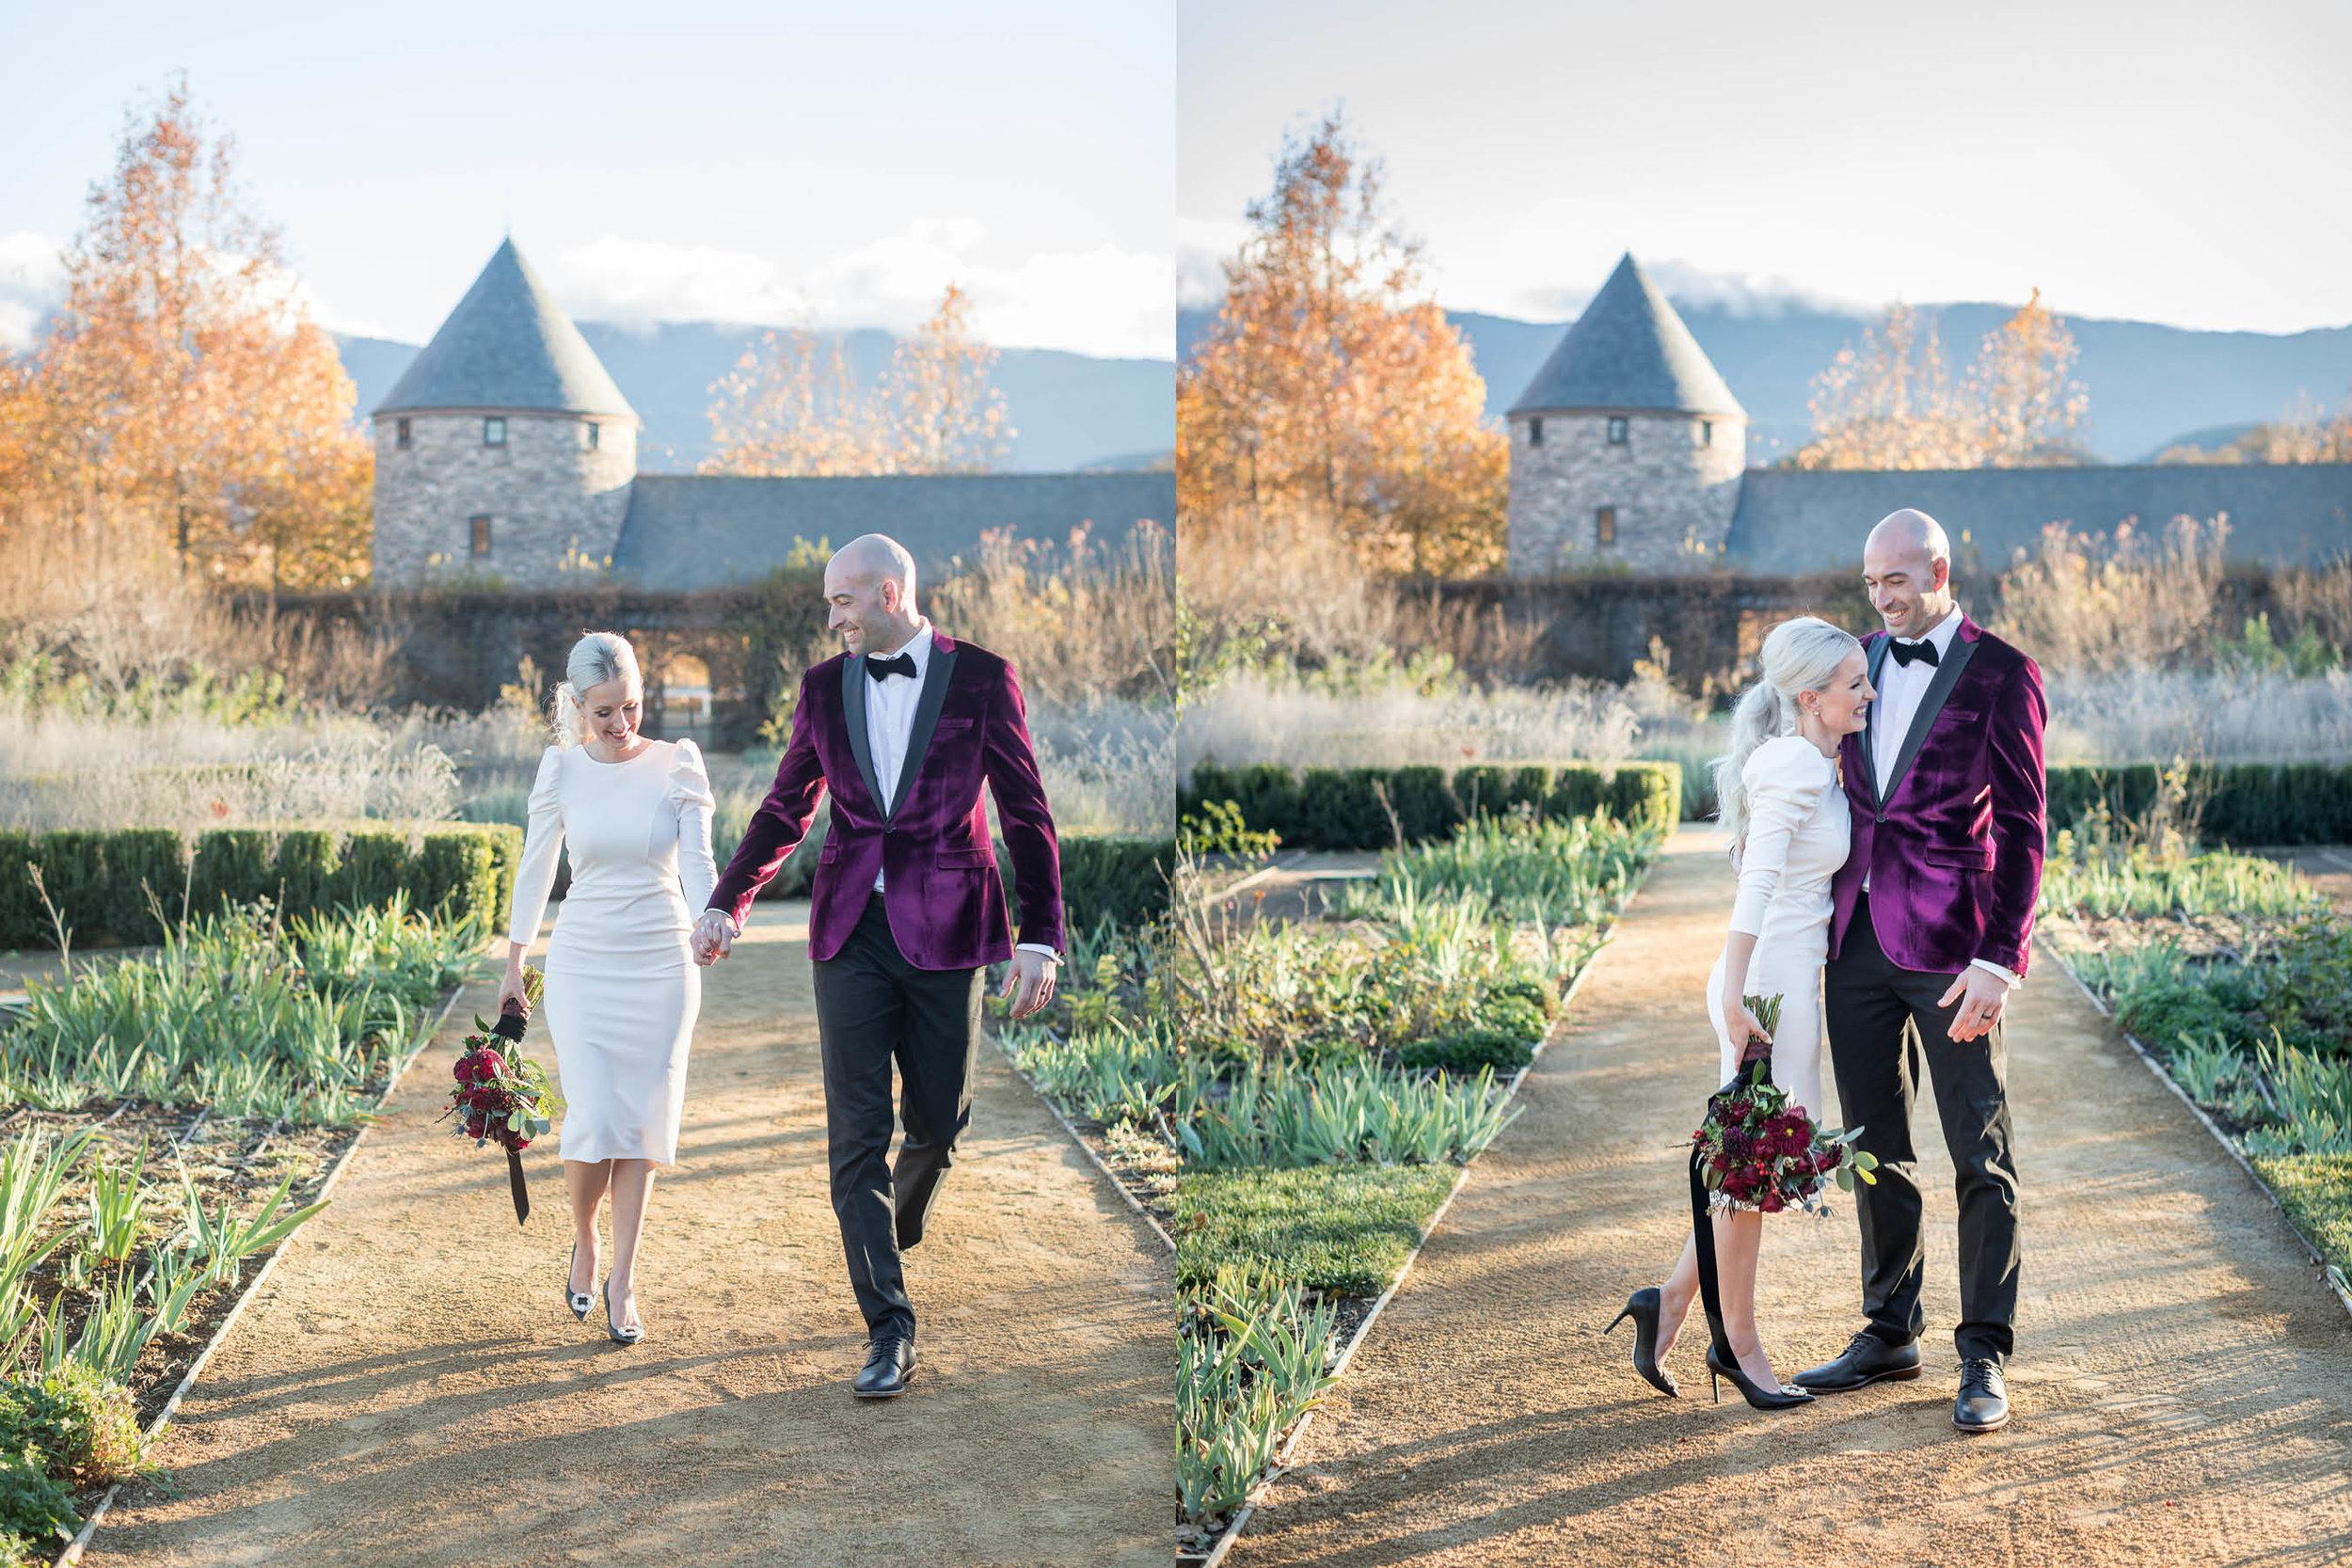 santa-barbara-elopement-wedding-planner-planning-elope-event-design-garden-kestrel-park-santa-ynez-field-maroon-velvet-coordinator-day-of-winter-estate-fall (13).jpg